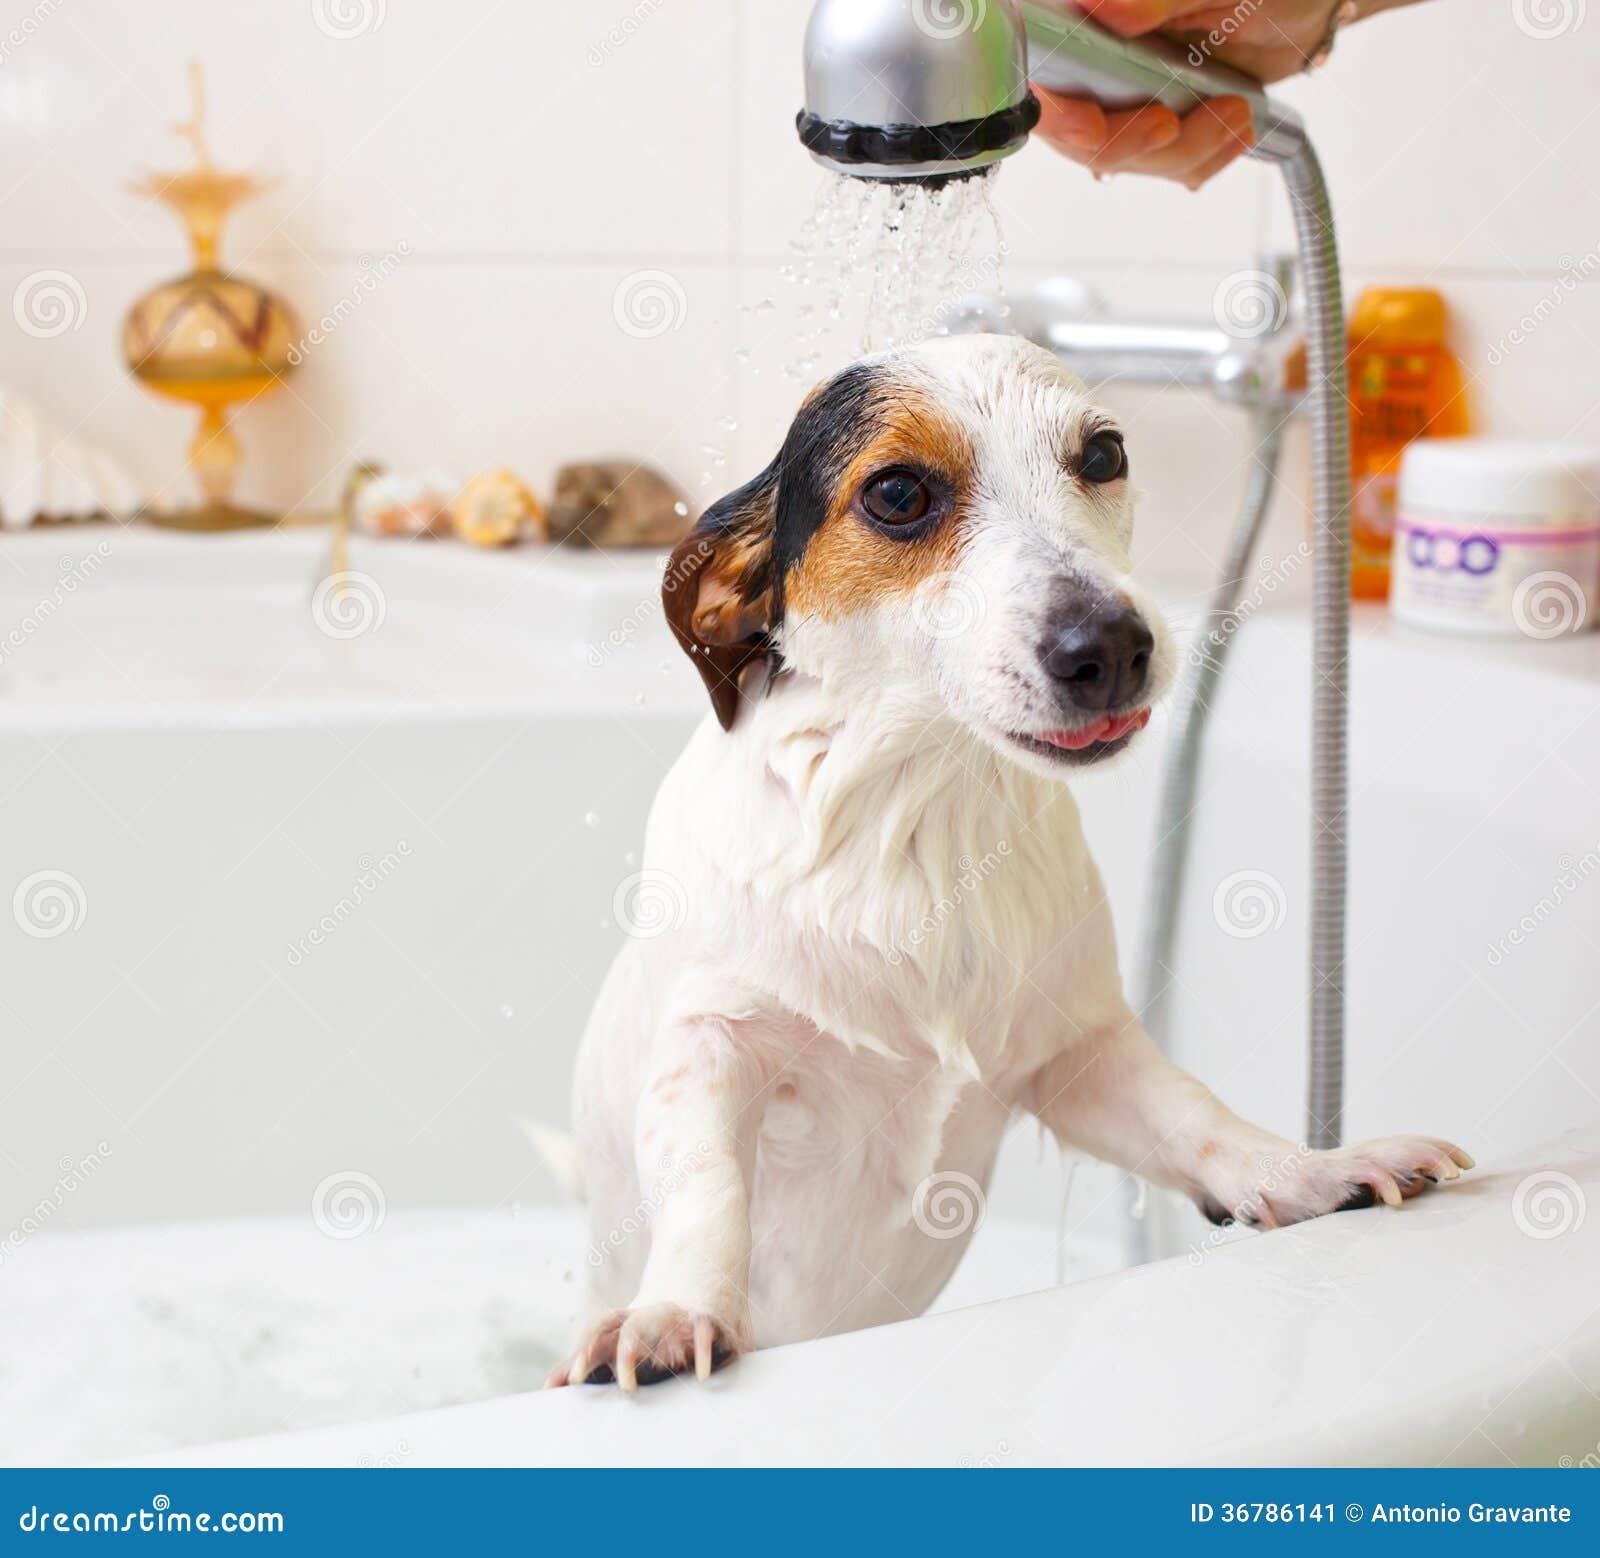 Hund Der Ein Bad In Einer Badewanne Nimmt Stockbild Bild Von